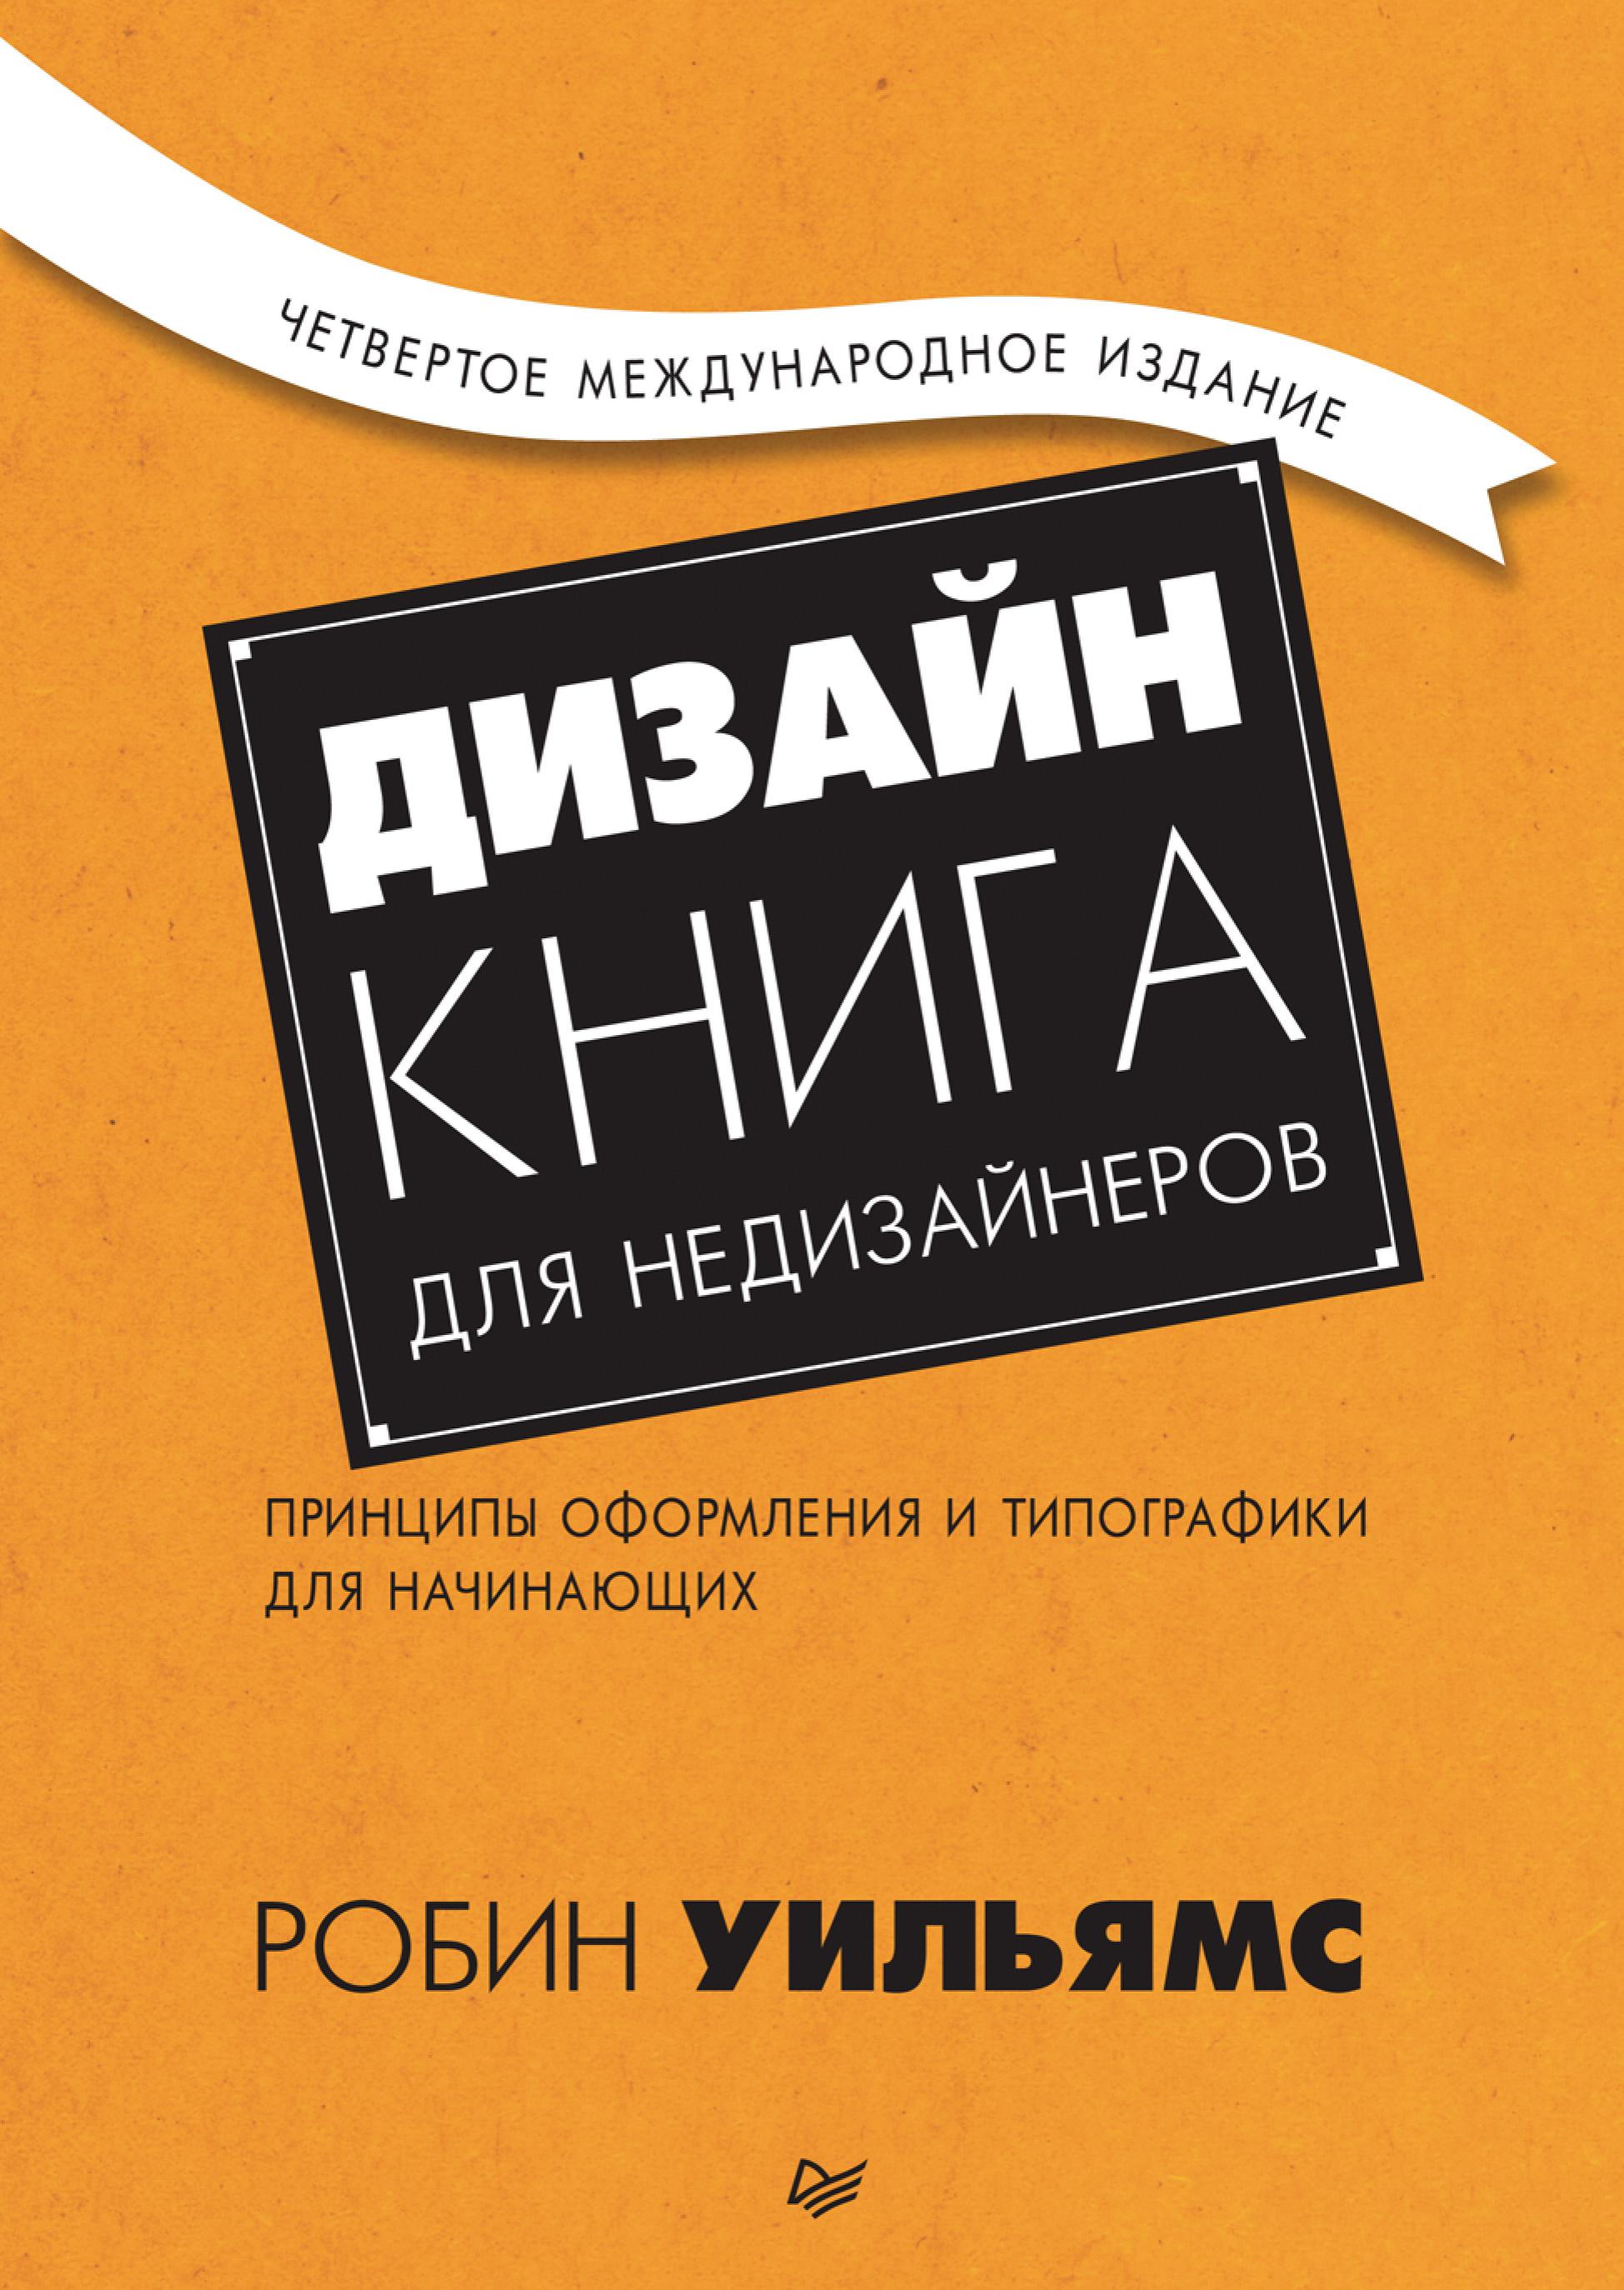 Робин Уильямс Дизайн. Книга для недизайнеров. Принципы оформления и типографики для начинающих цены онлайн